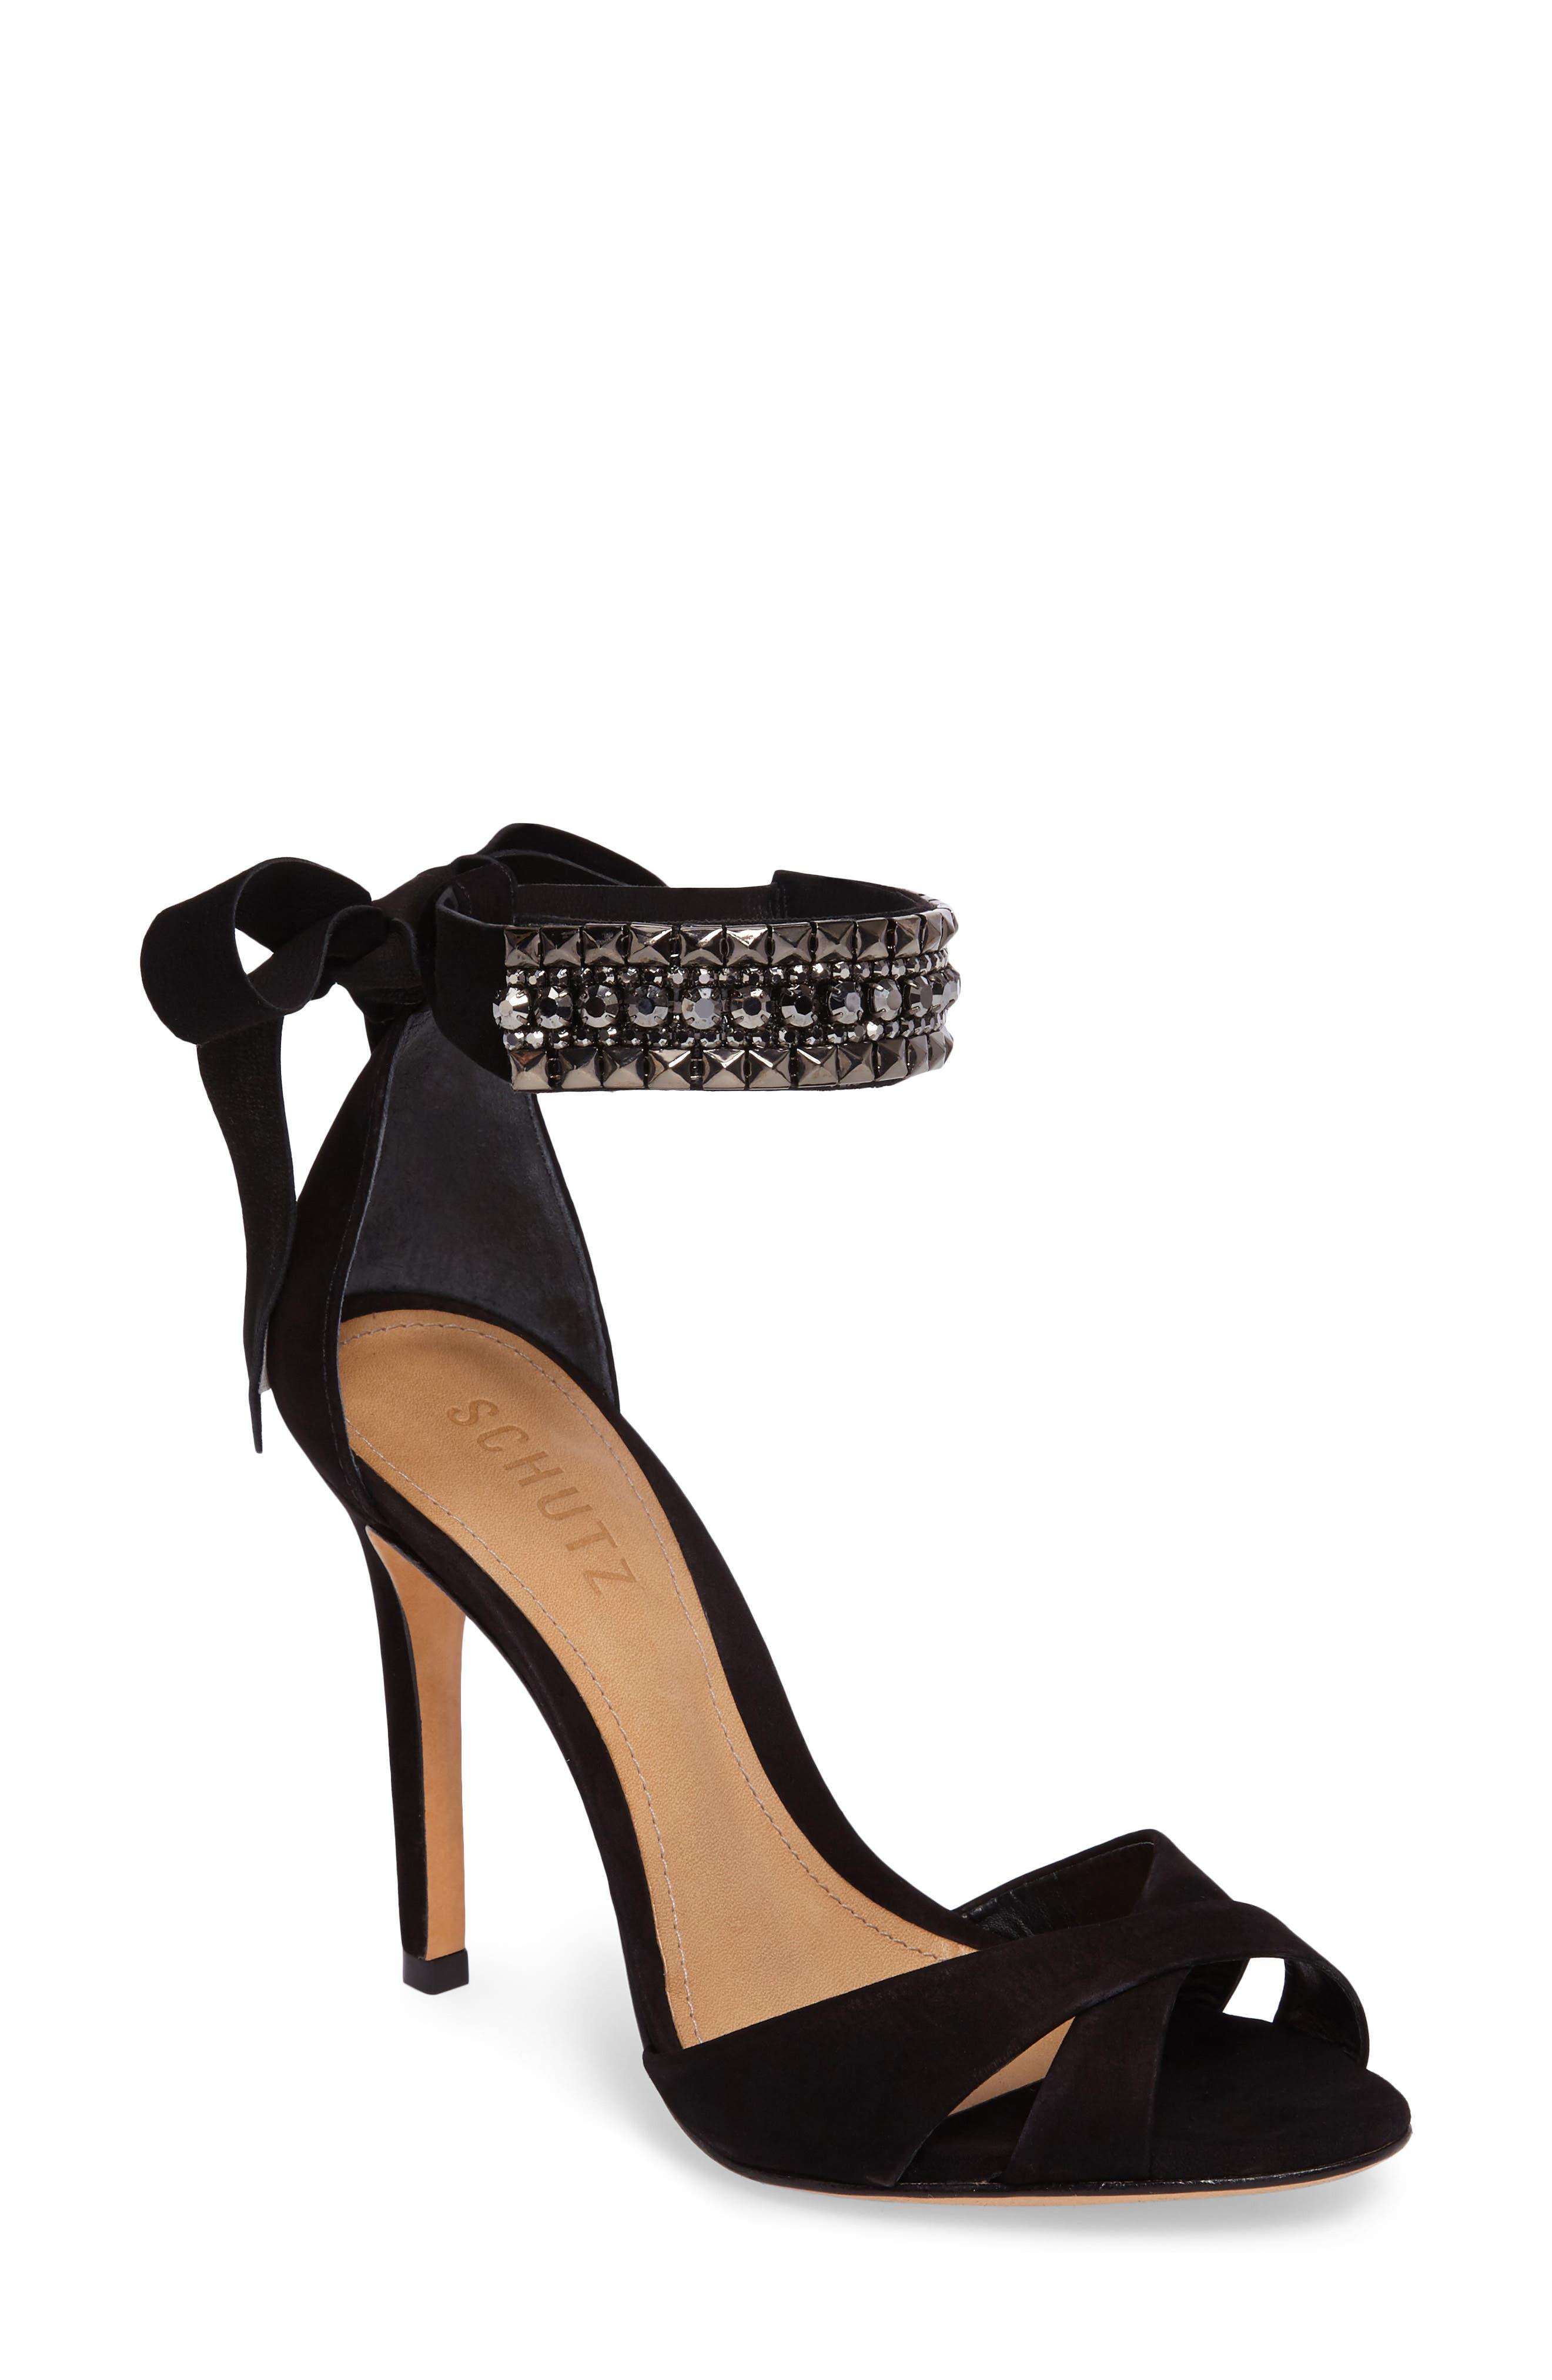 Main Image - Schutz Larazee Embellished Sandal (Women)